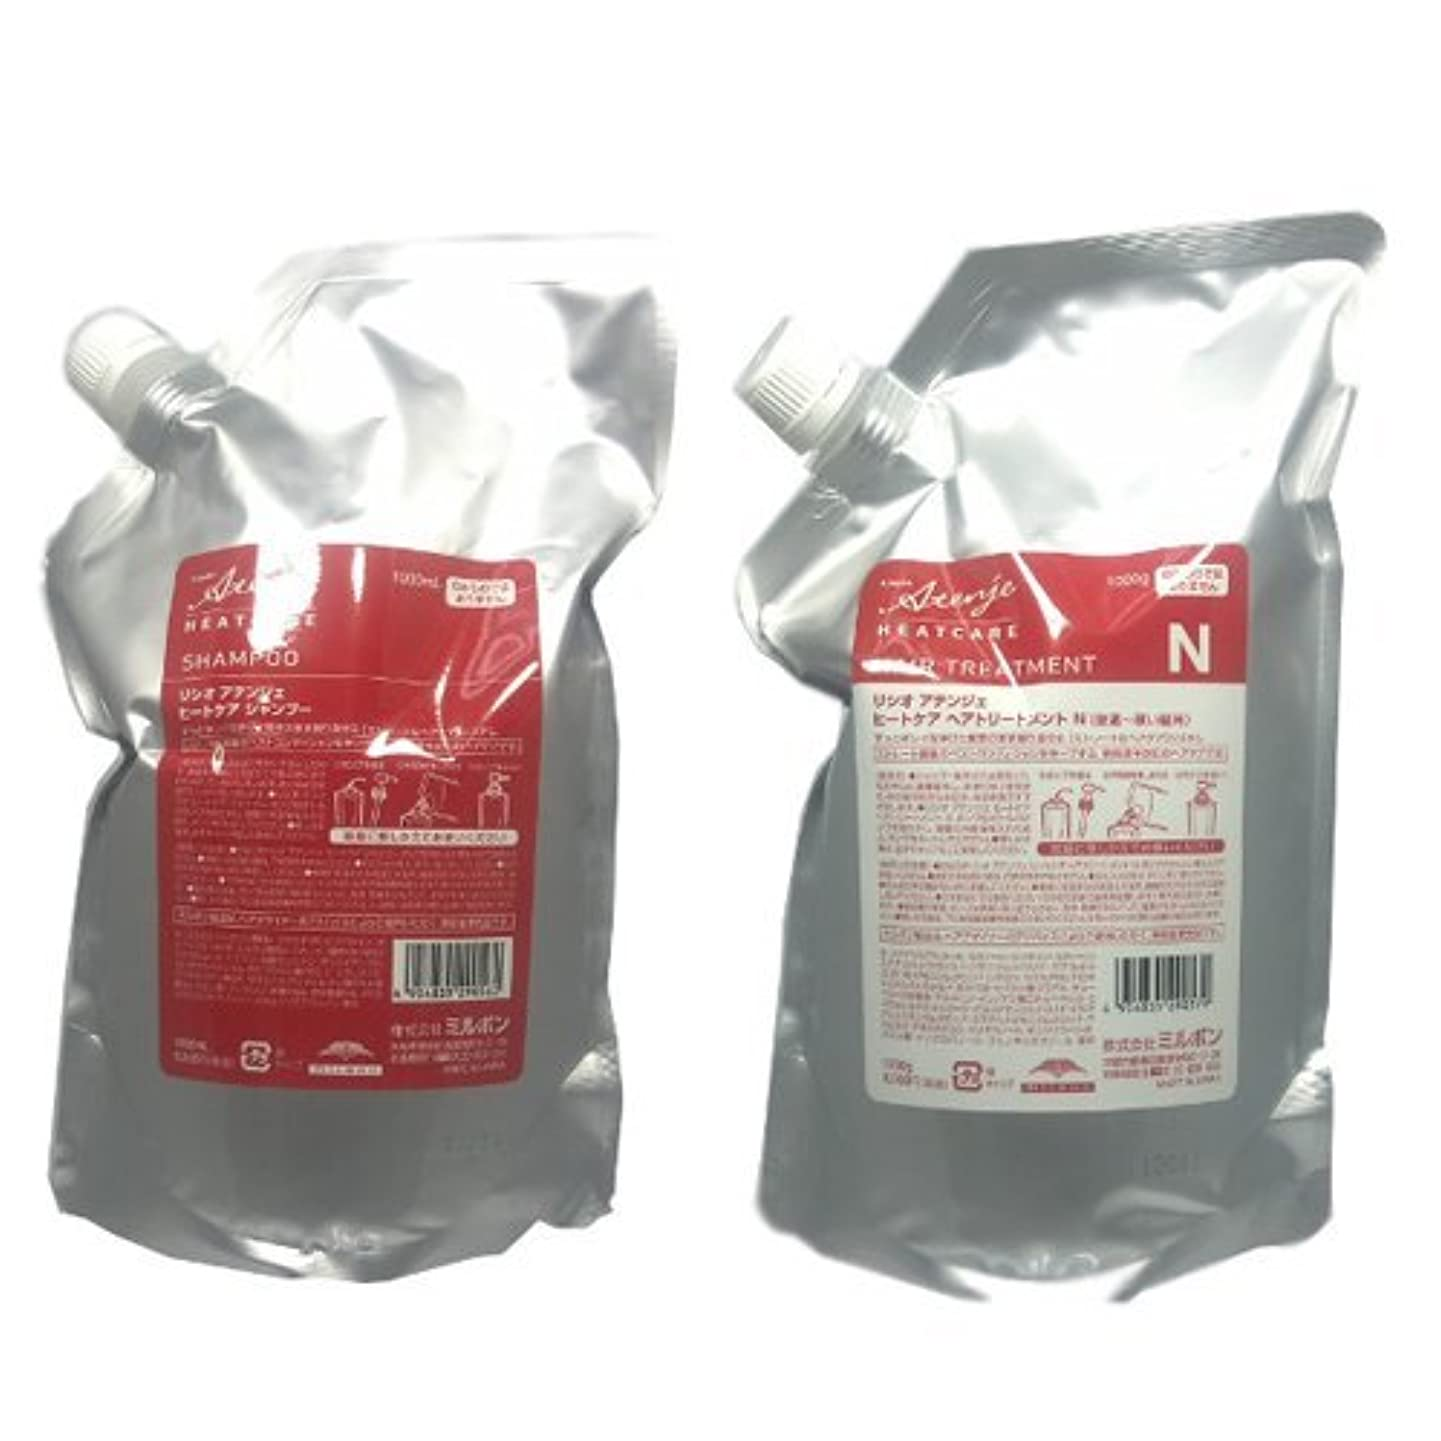 インストール永遠の野菜ミルボン リシオ アテンジェ ヒートケア シャンプー 1000ml + トリートメントN 1000g 詰替用セット